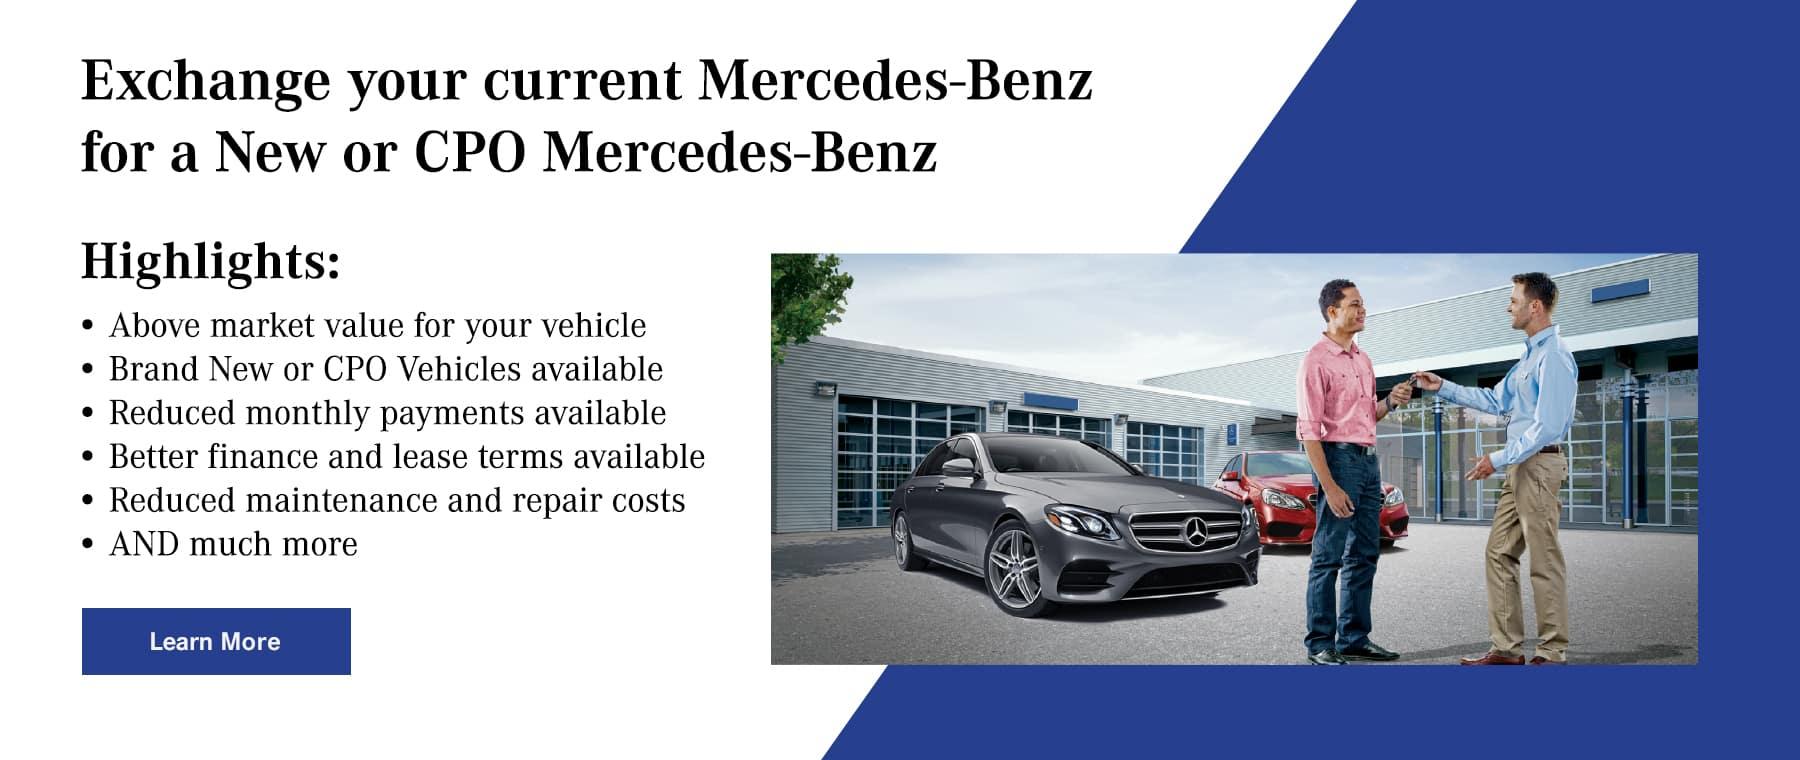 mercedes benz of rockville centre ny mercedes benz dealership Limousine Service Vc.htm #15